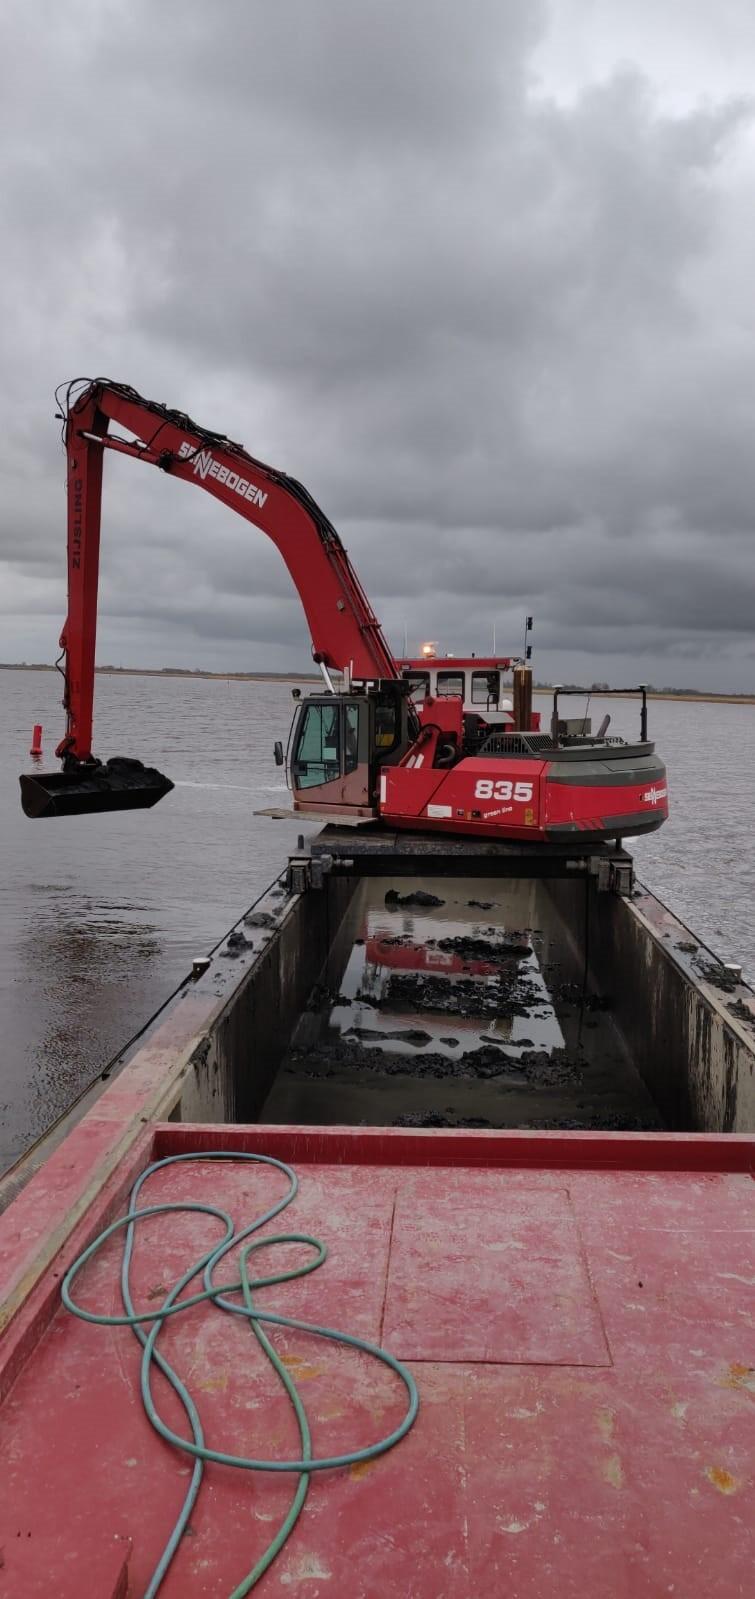 De baggerwerkzaamheden op het Lauwersmeer zijn begonnen (Foto: Twitter / @RWS_NN)